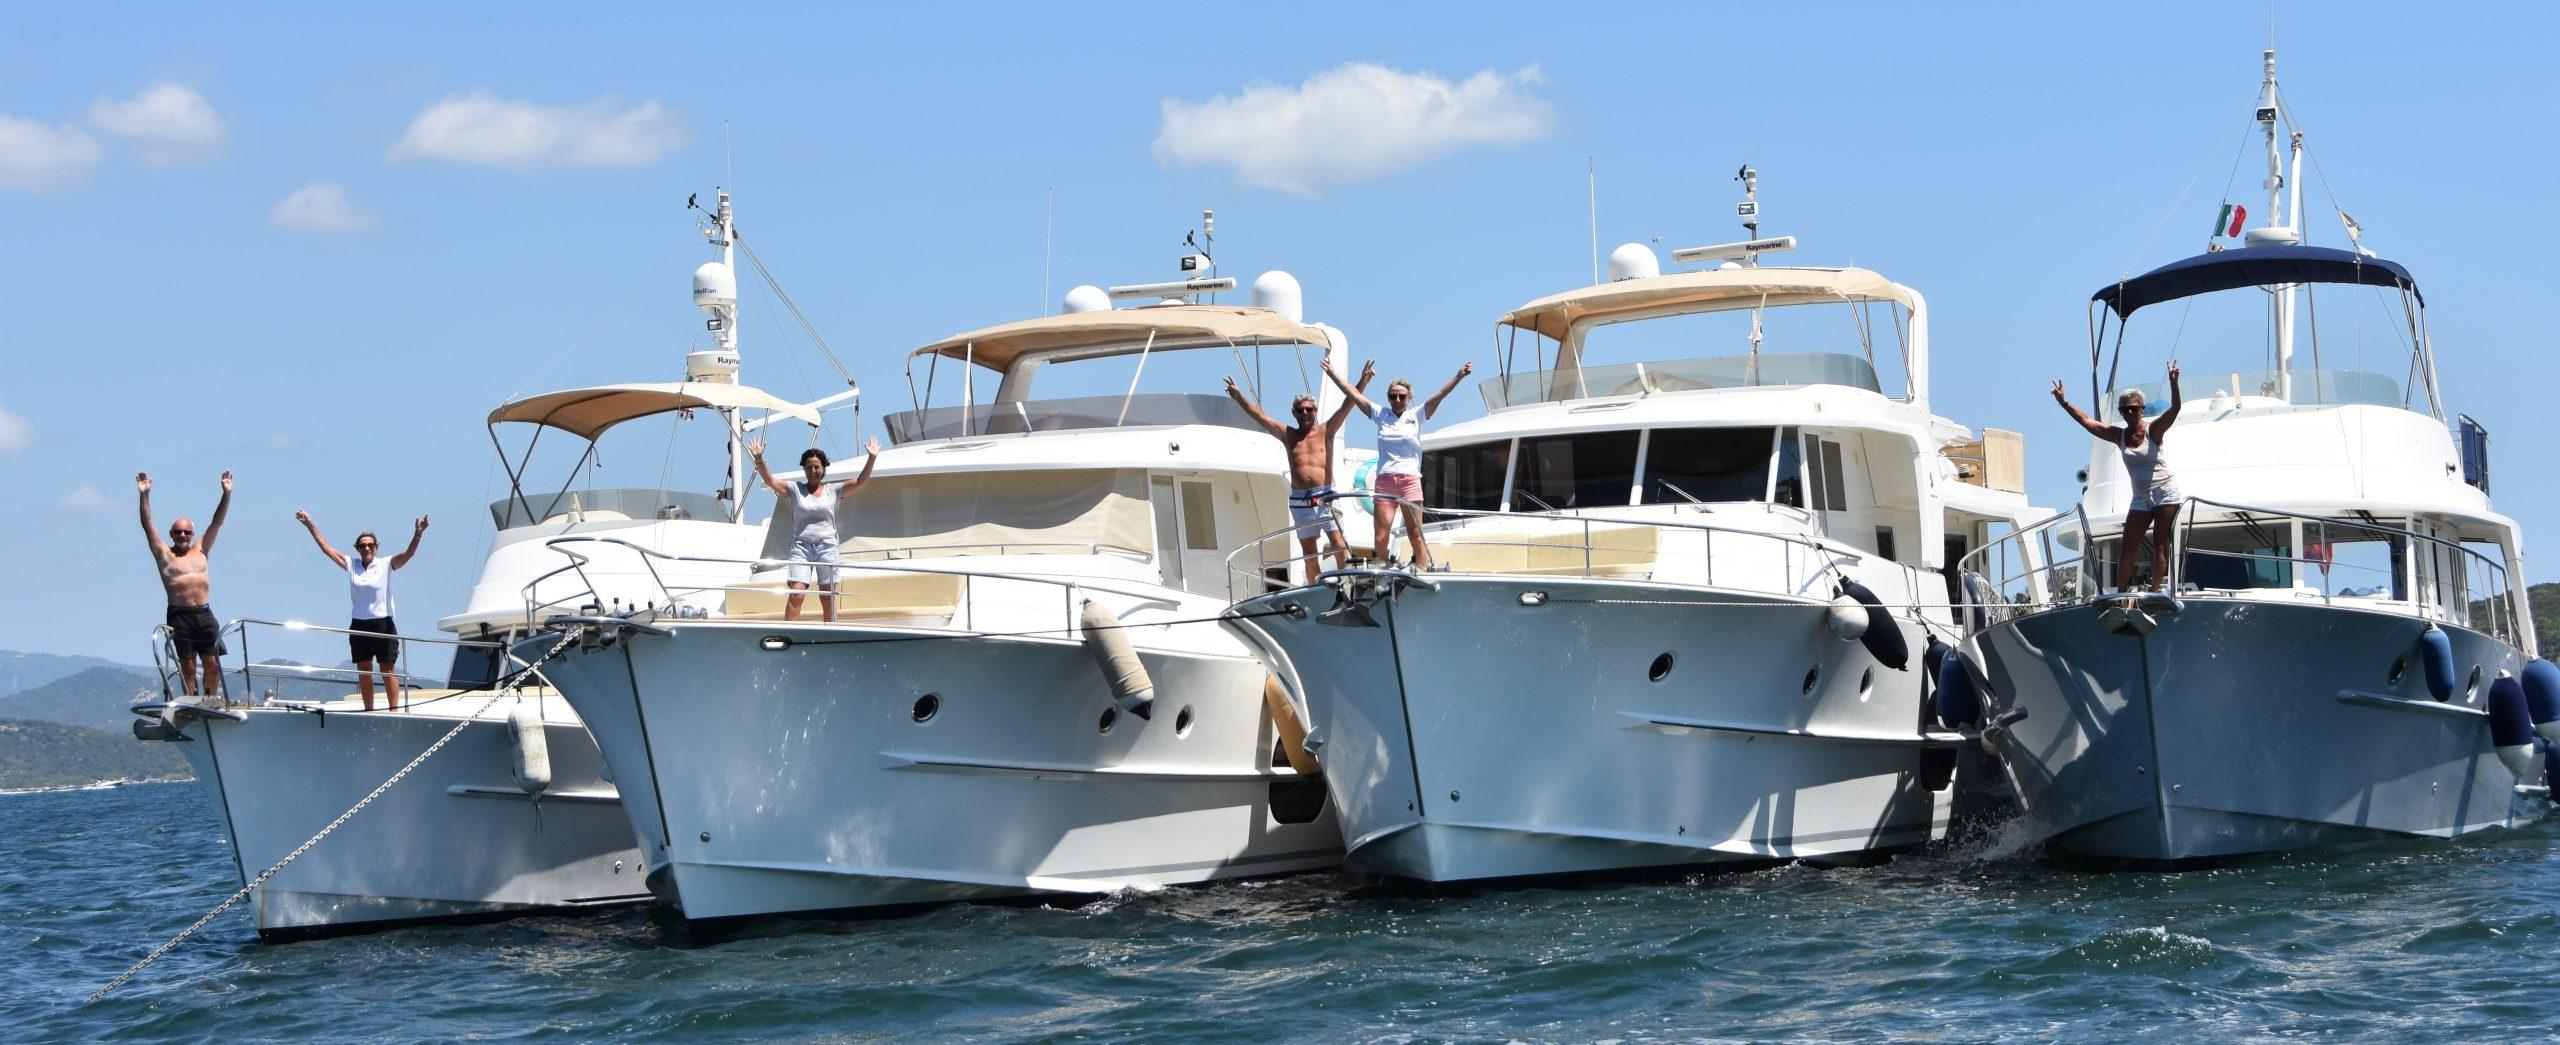 16 Les trawlers evasion securite convivialite